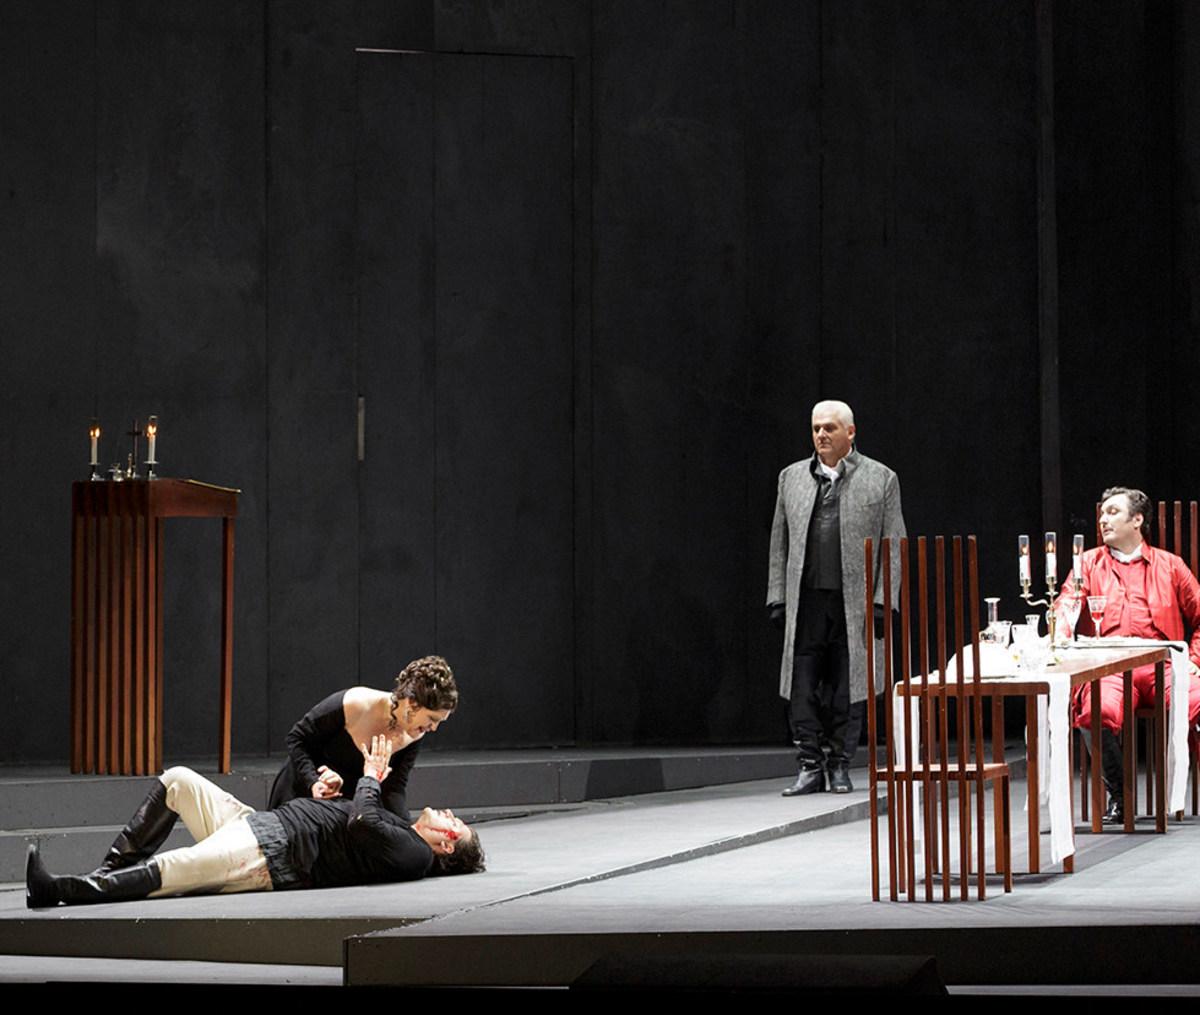 """Szene aus """"Tosca"""": Sängerin kniet neben liegendem Sänger und hält seine Hand, im Hintergund befinden sich 4 weitere Sänger"""